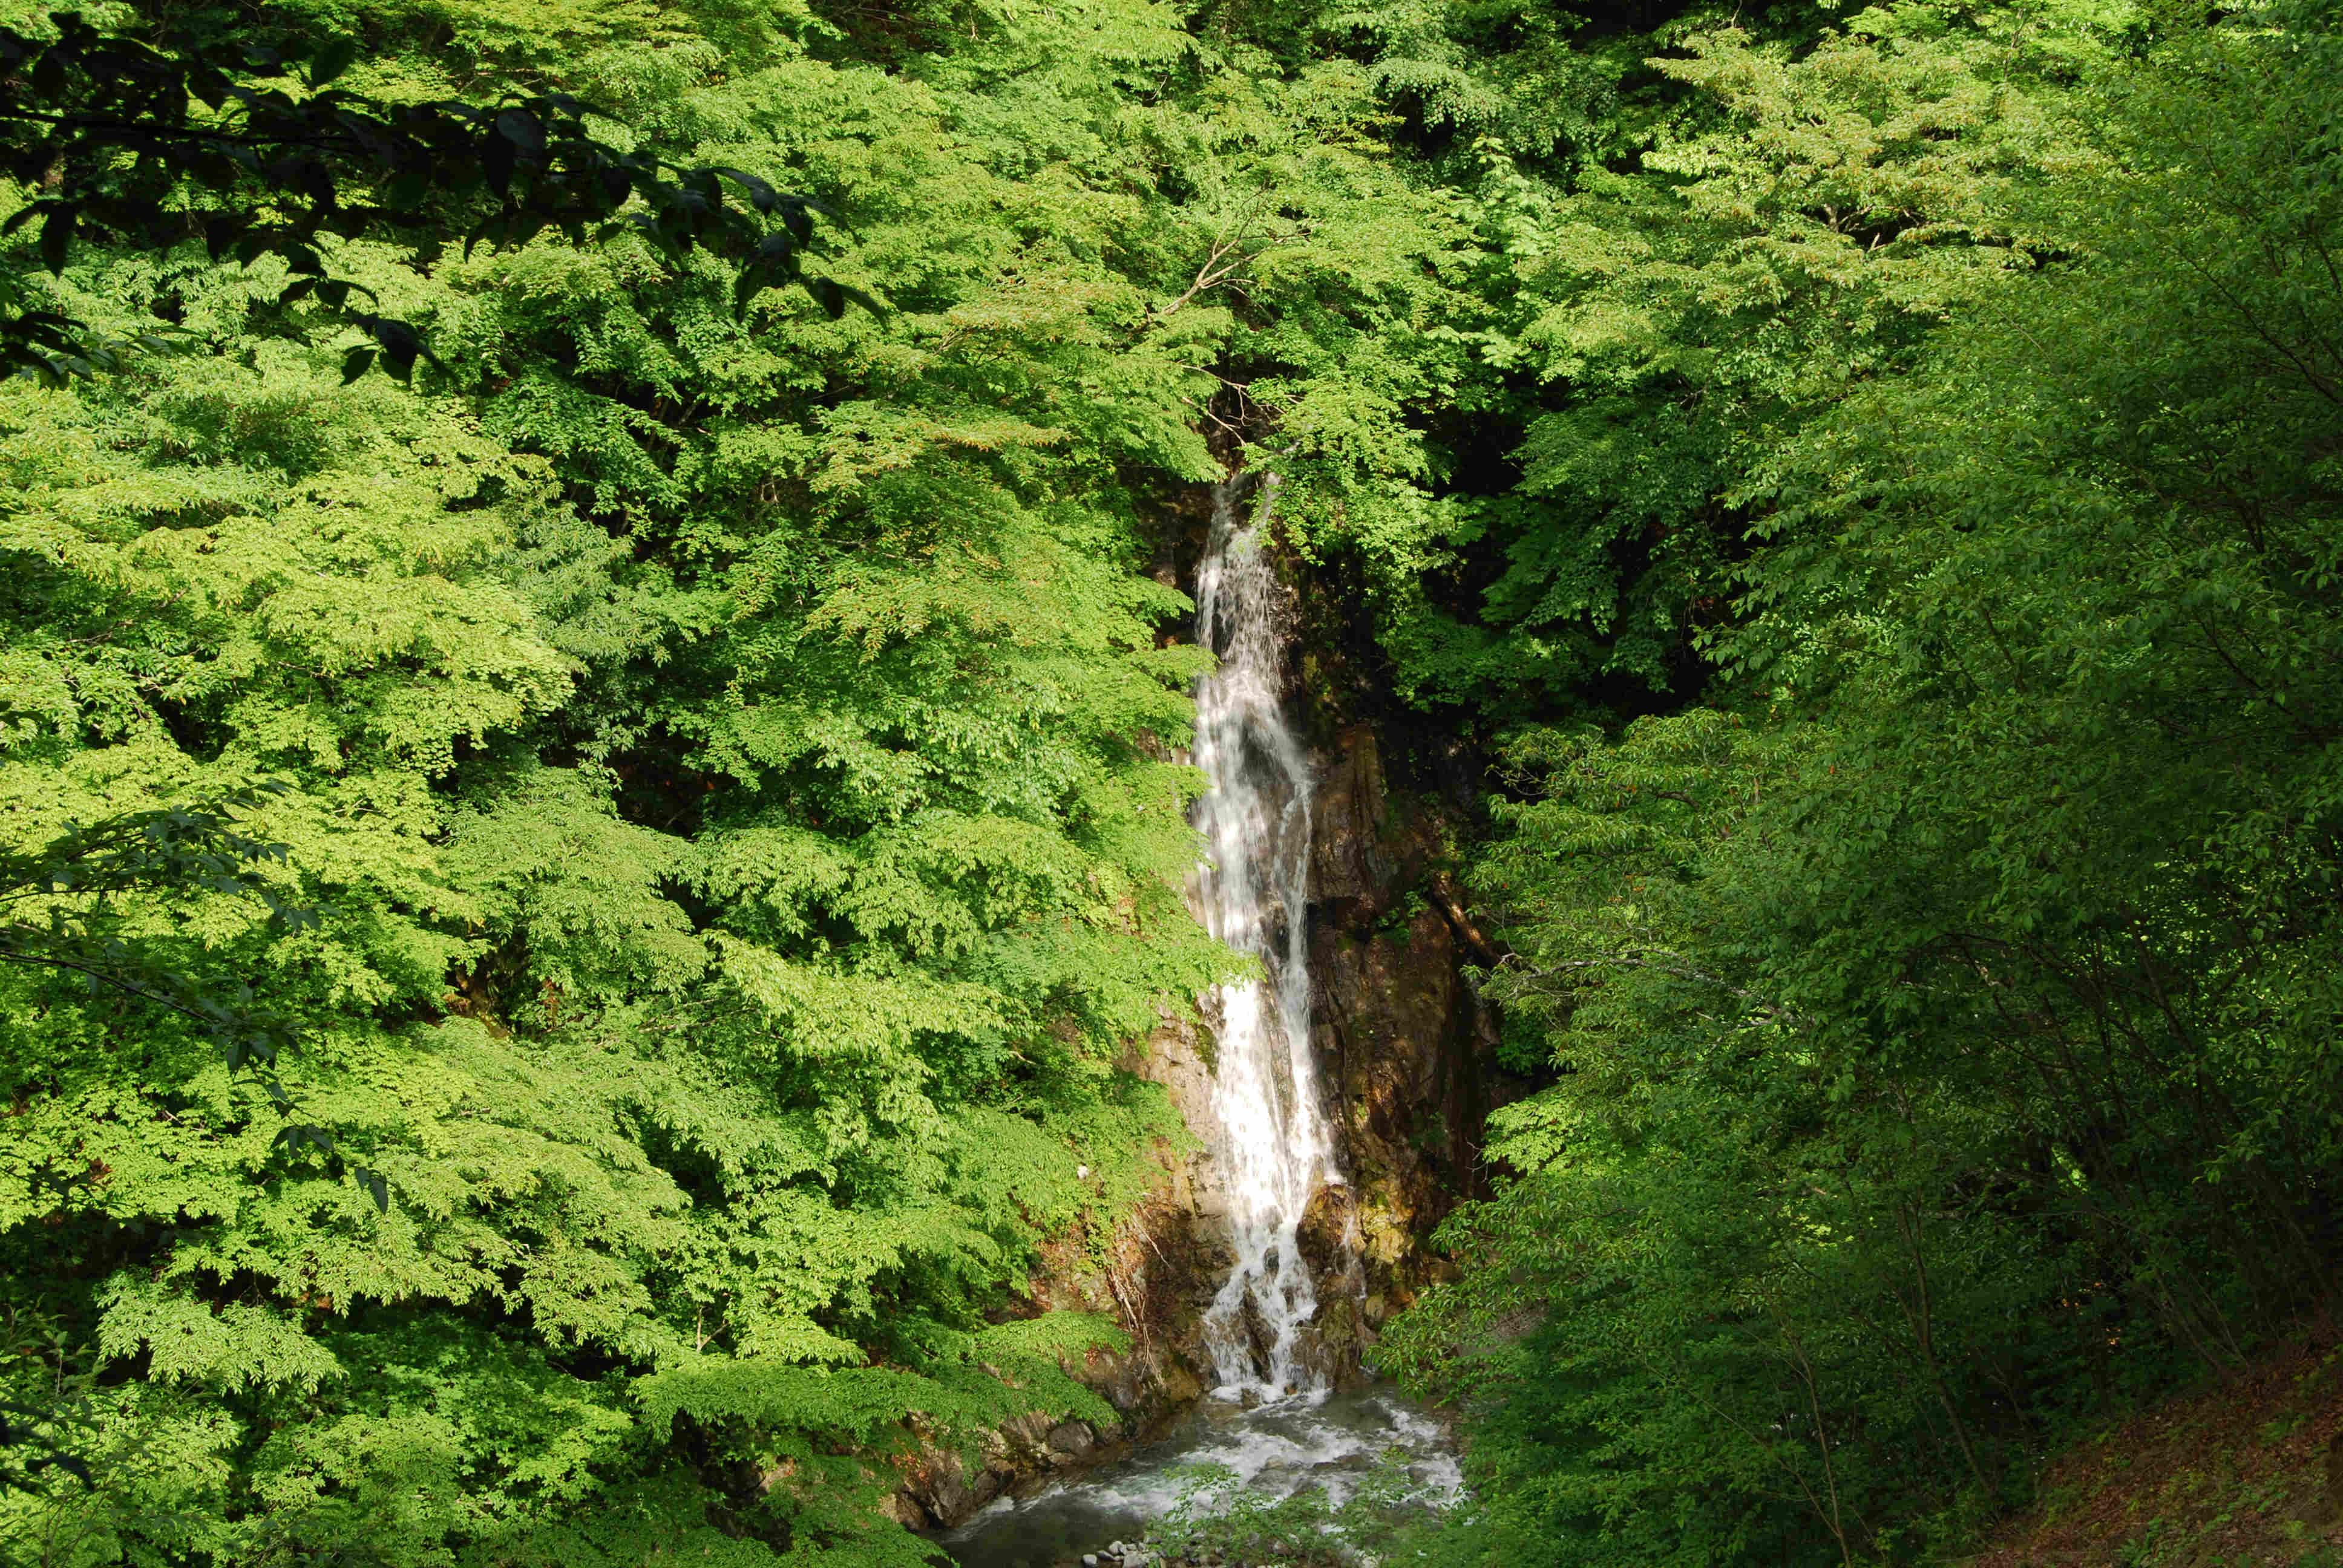 Okubo Waterfall of Nishizawa Valley, Yamanashi, Japan